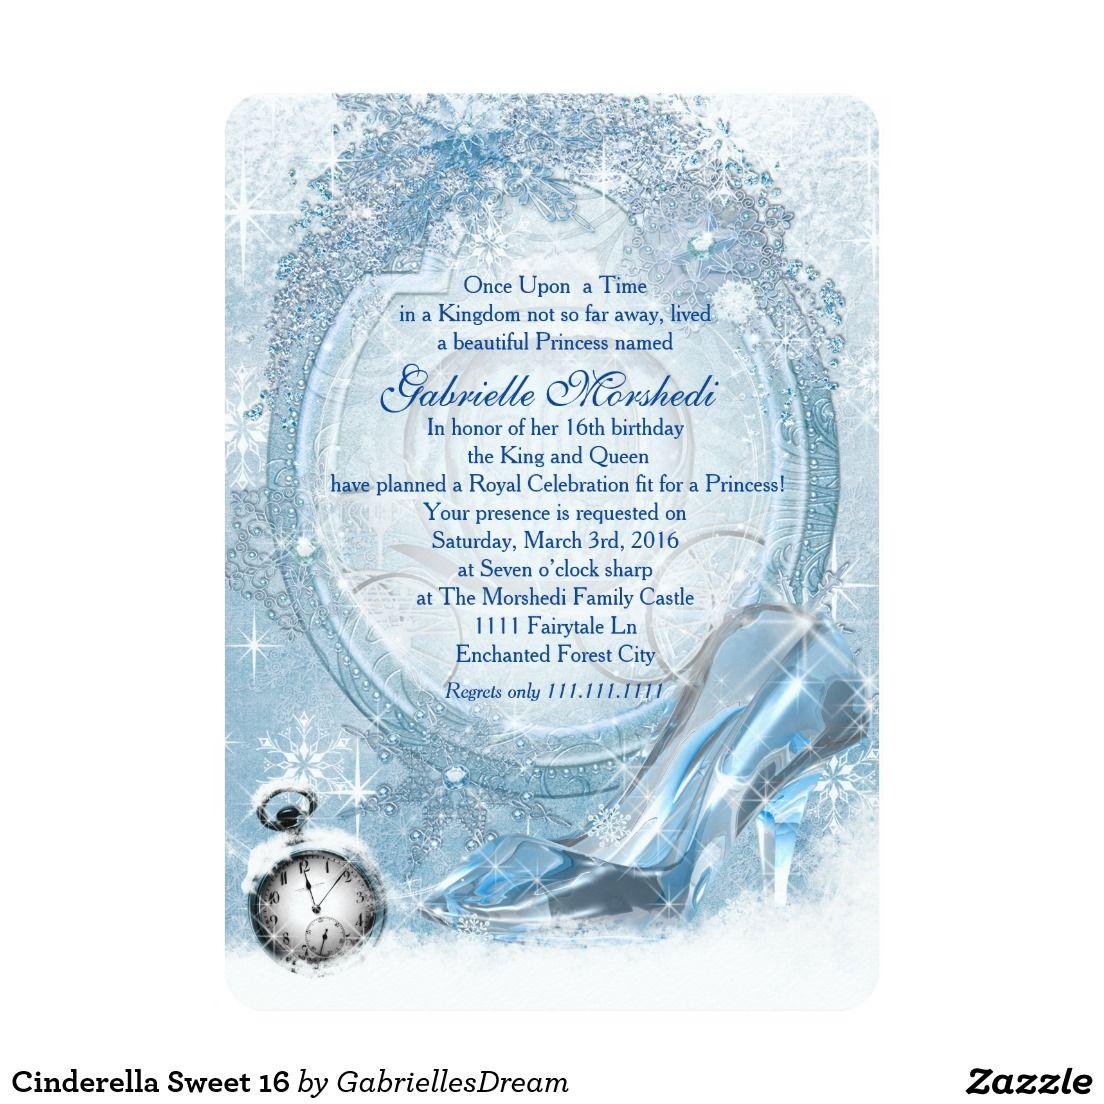 Cinderella Sweet 16 Card Cinderella Sweet 16 And Sweet 16